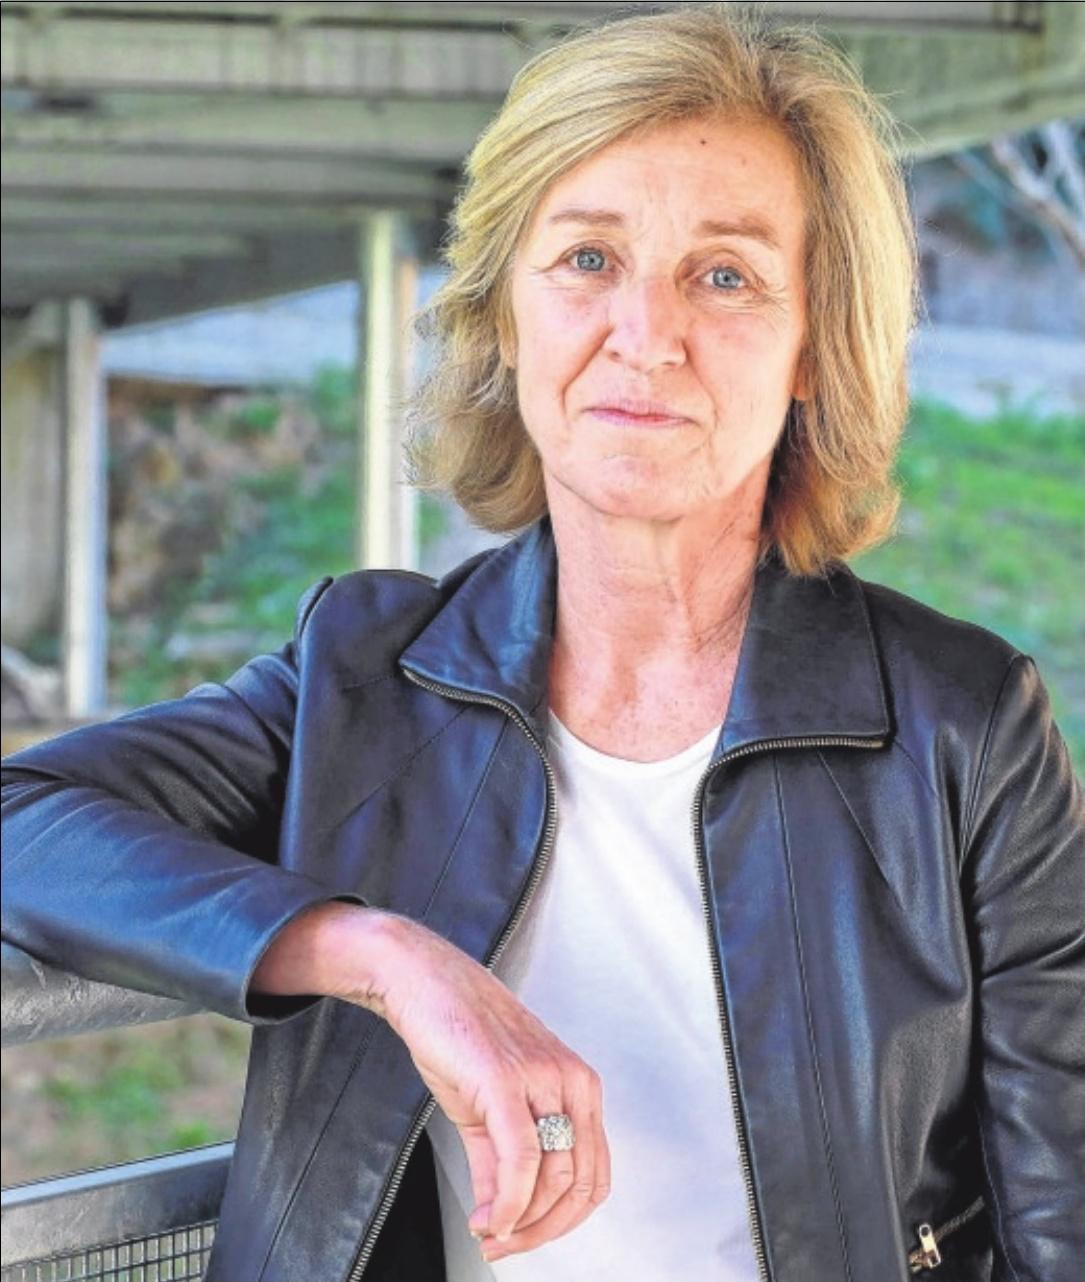 TEXTE CAROLINE MARCELIN PHOTO JEAN-PIERRE BELZIT